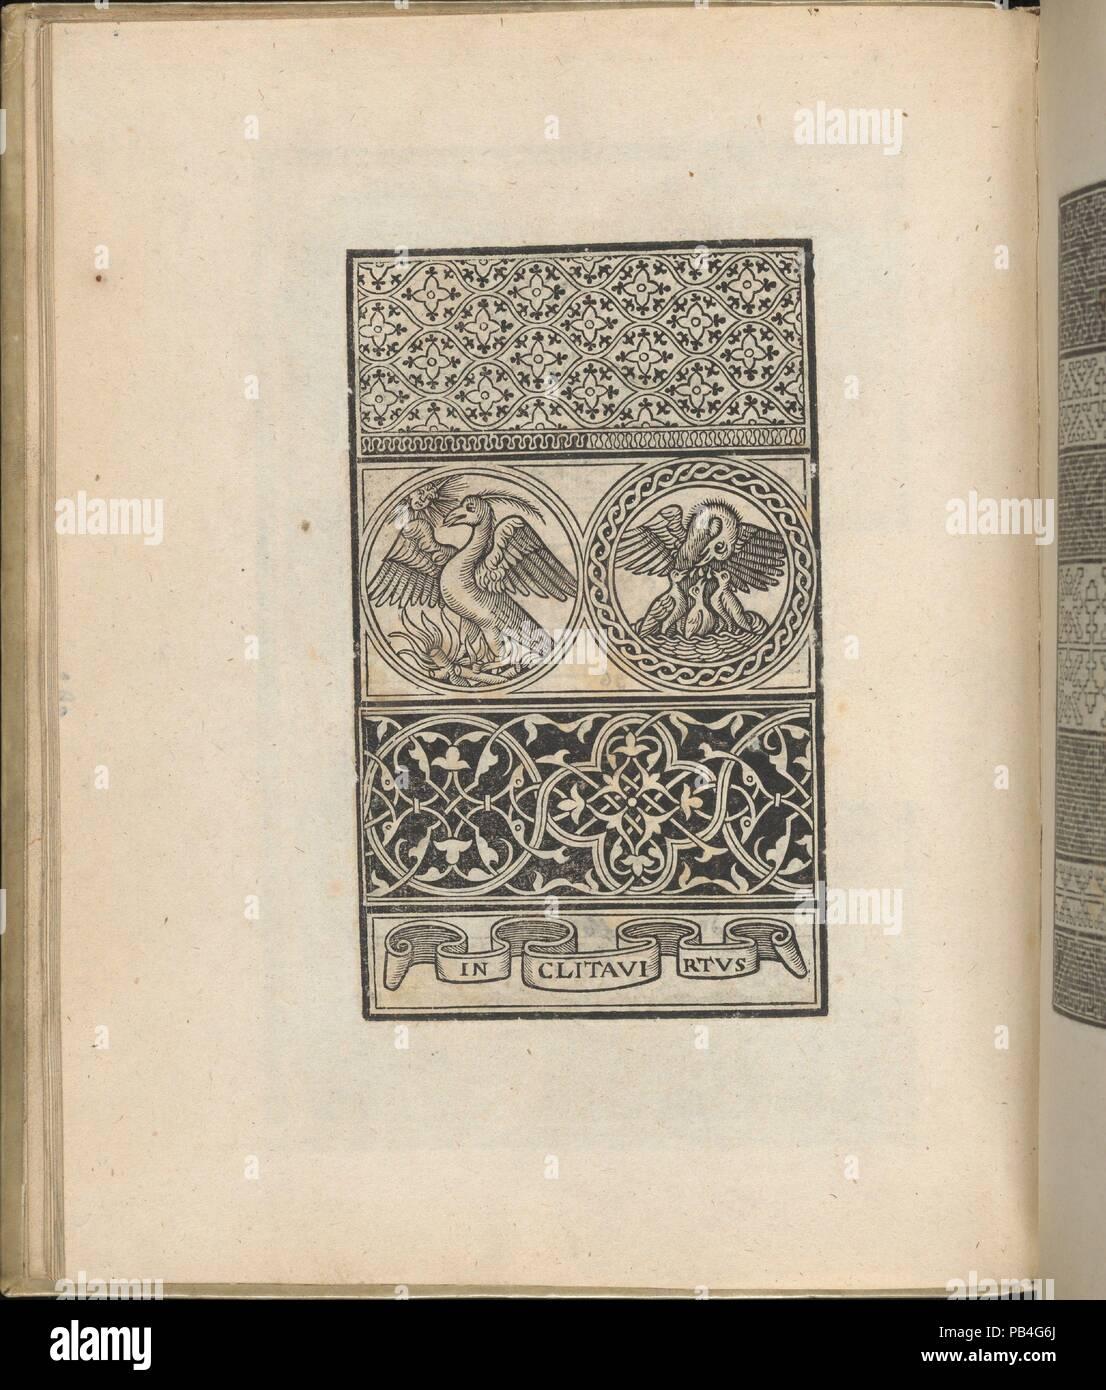 a34fe43e7818af Libro Novo..., pagina 9 (verso). Dimensioni: complessivo: 9 13/16 x 7 ...